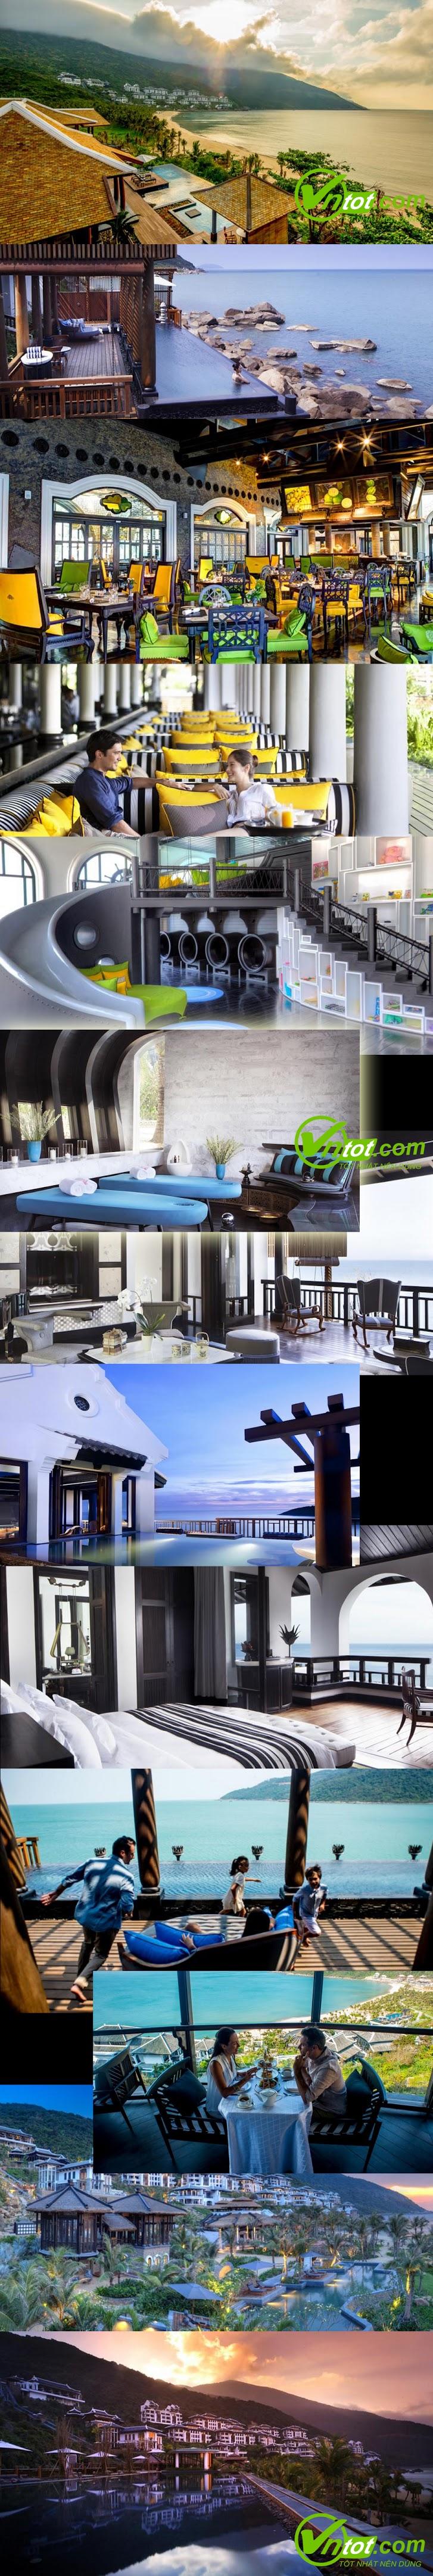 Khách sạn InterContinental Đà Nẵng (Gần Bãi bắc - Sơn Trà)